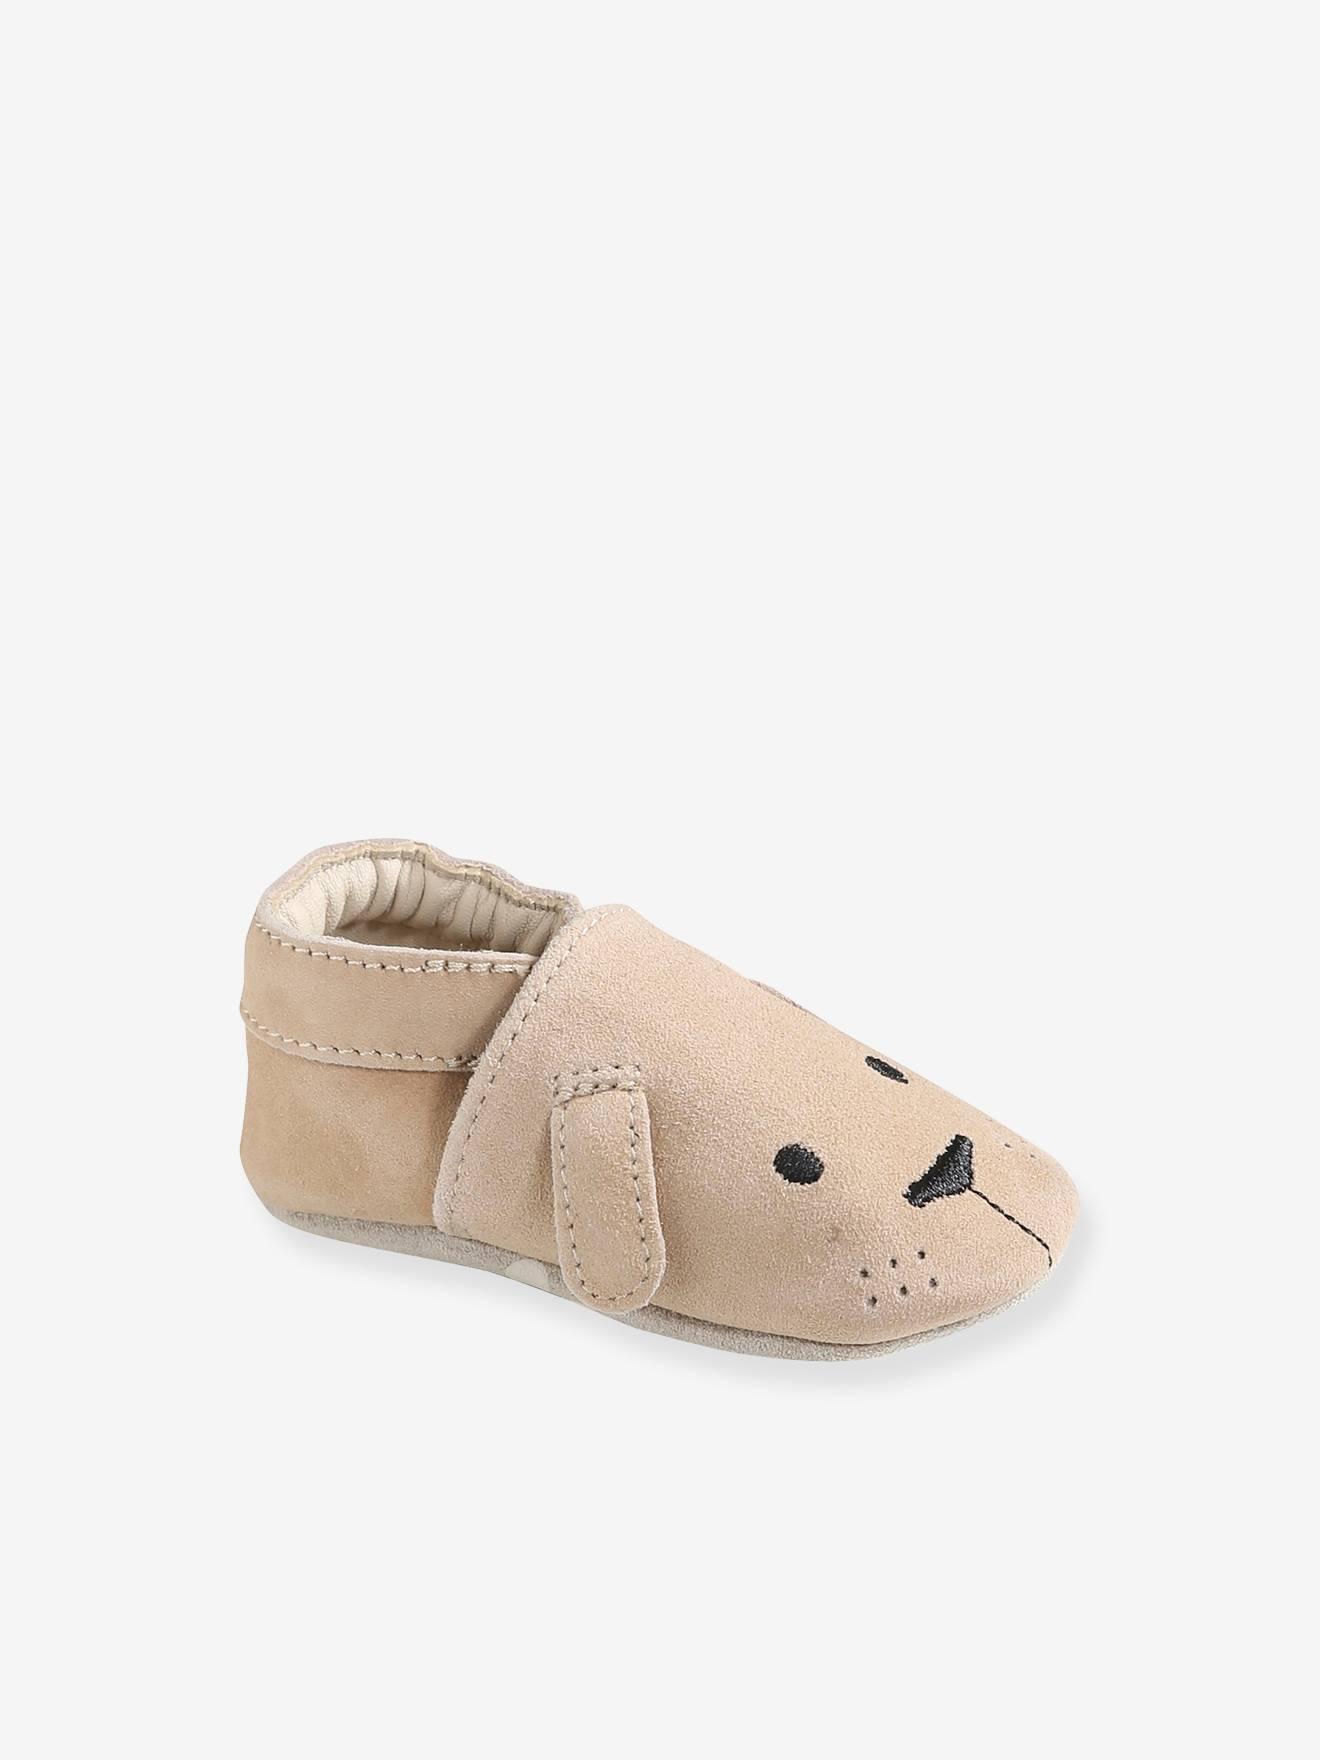 Chaussons de parc bébé garçon cuir souple sable